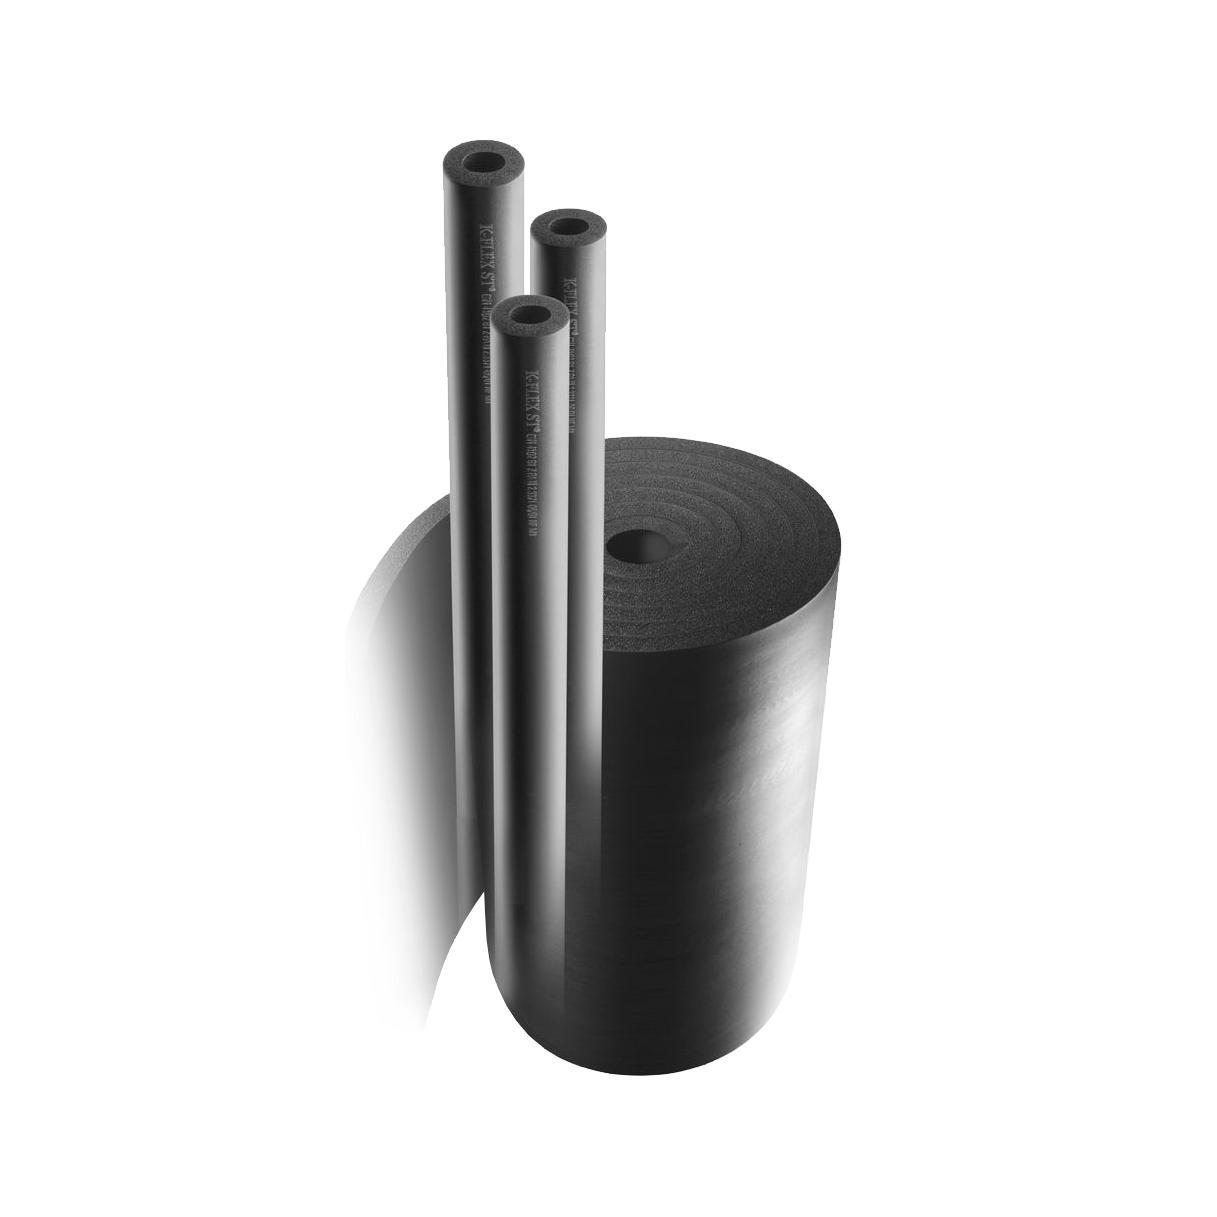 Теплоизоляция на основе вспененного каучука и аксессуары в Москве — Сантехкомплект | Продажа сантехники